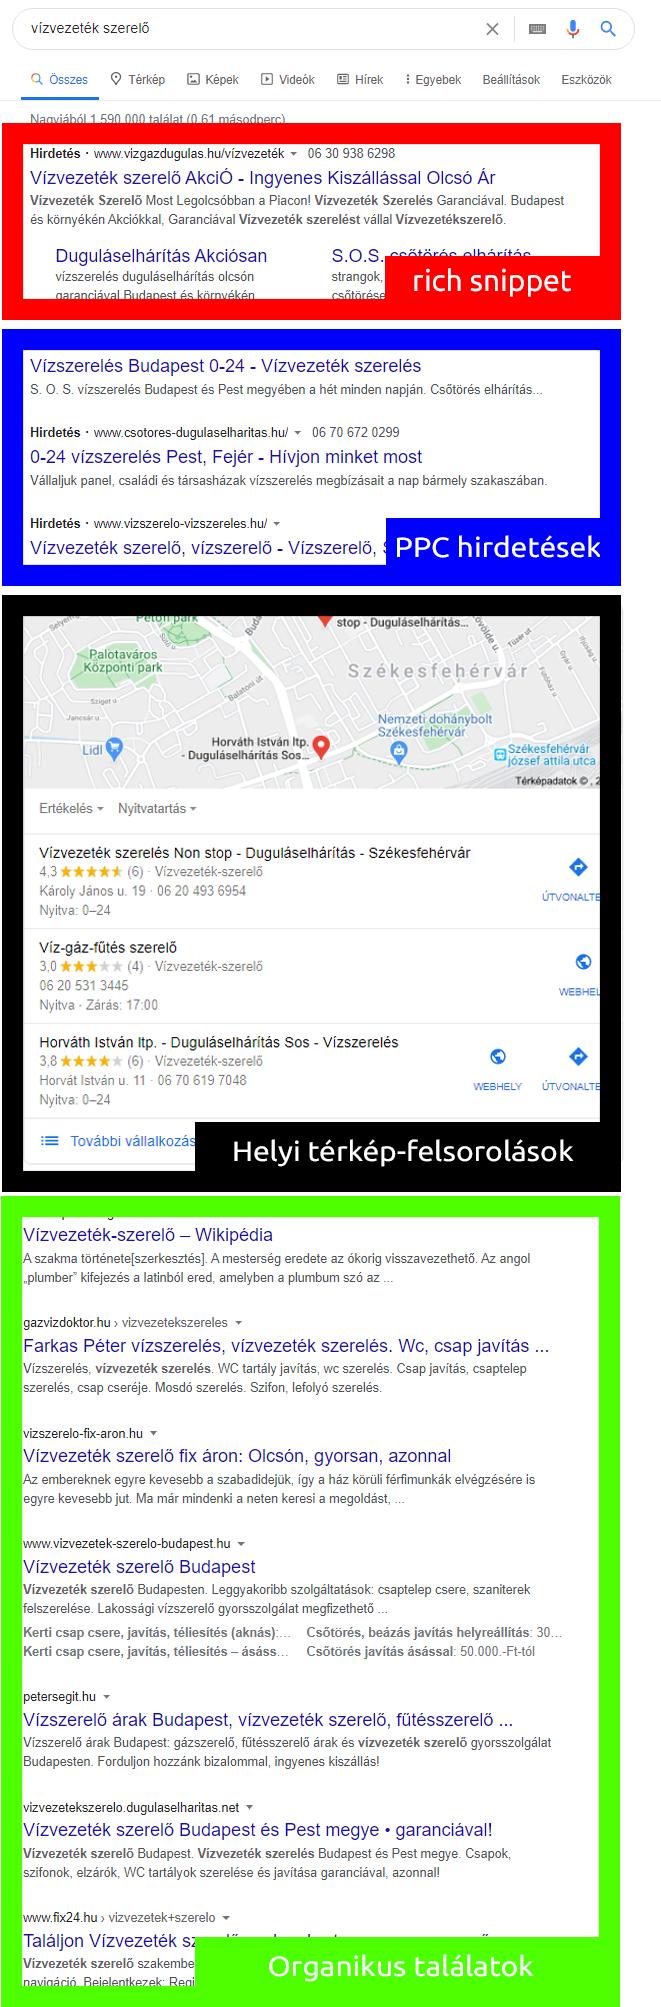 Google első helyre kerülés